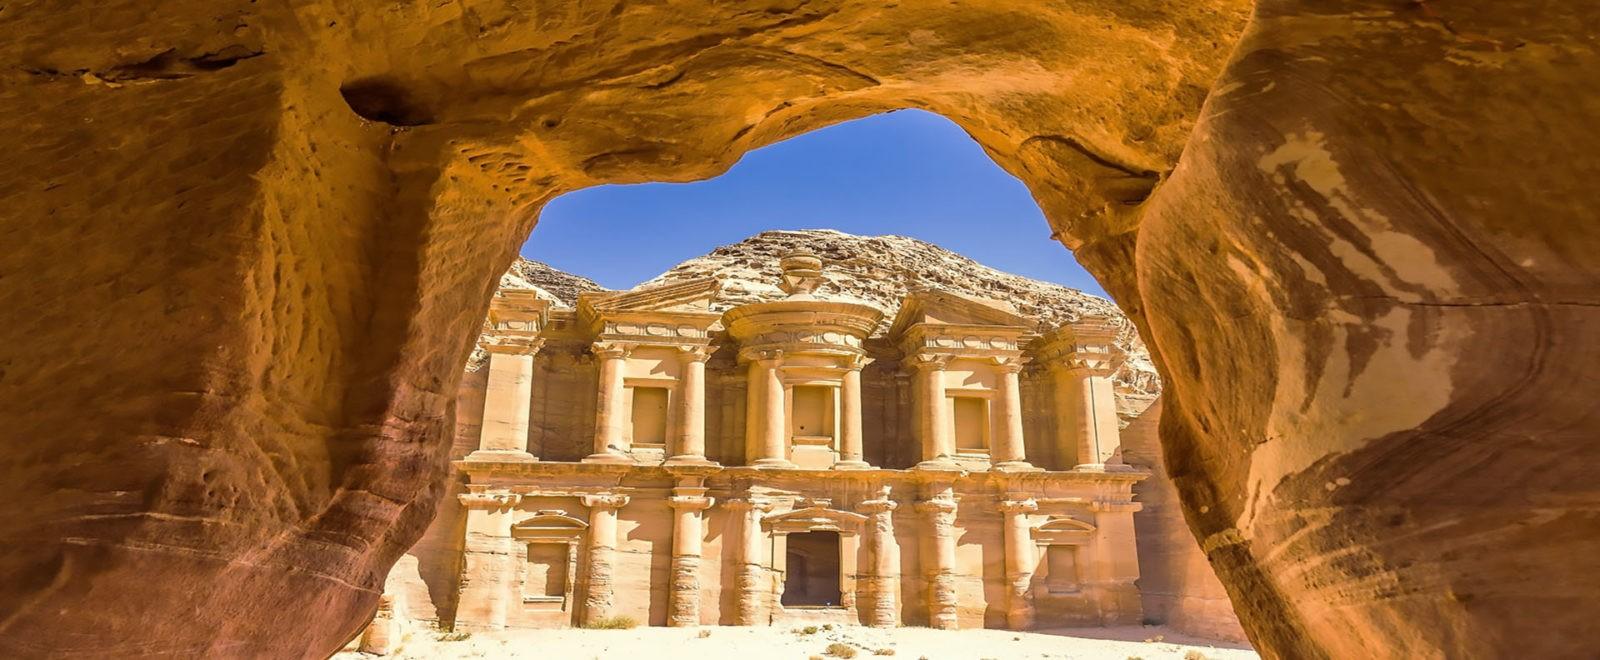 Top 5 Private Israel & Jordan Tours - 2019